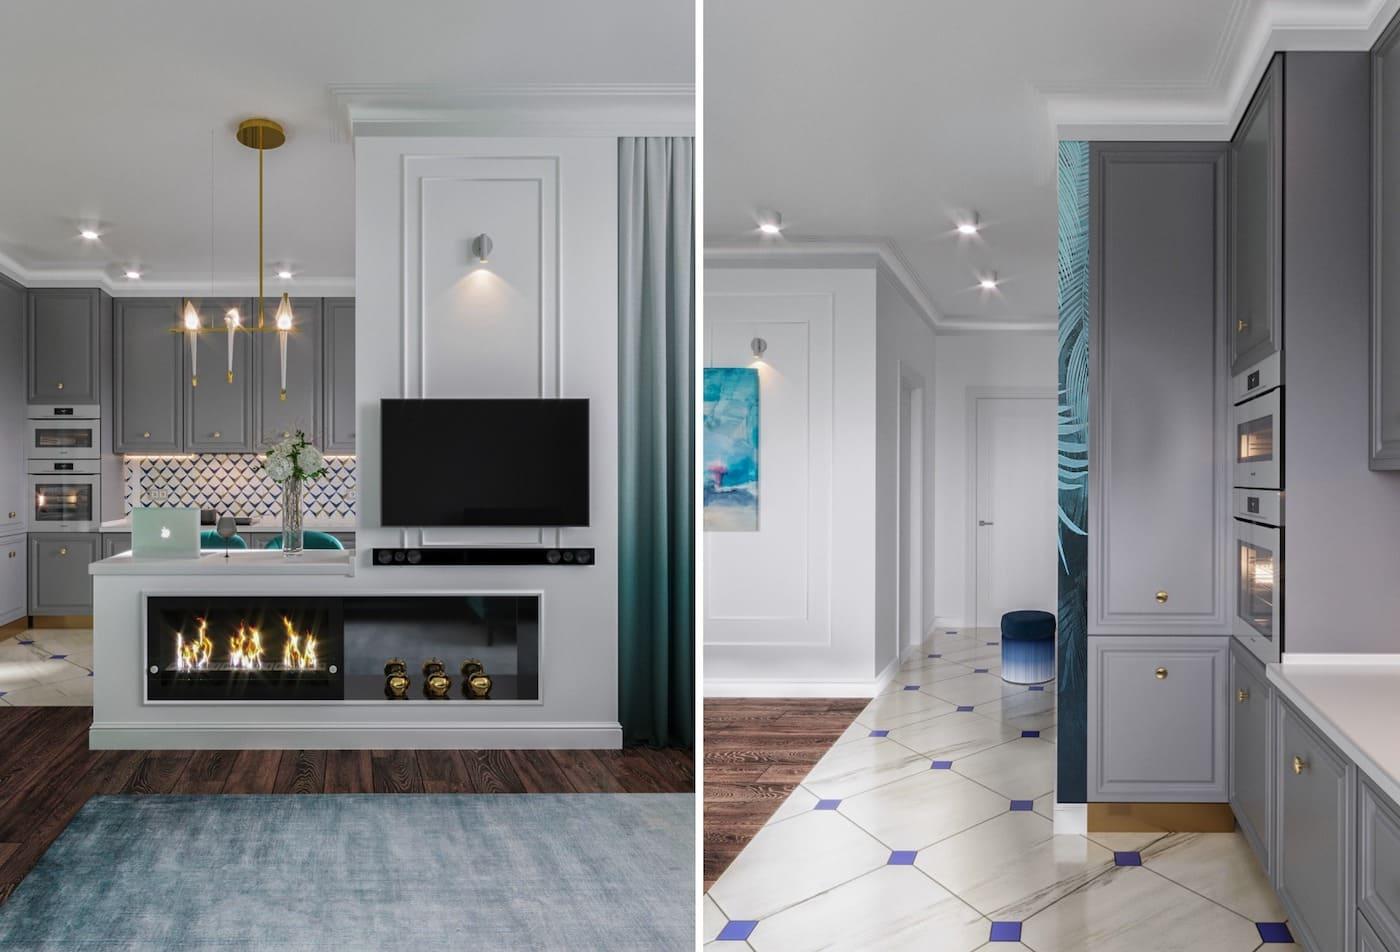 design d'intérieur d'un appartement à la mode photo 33